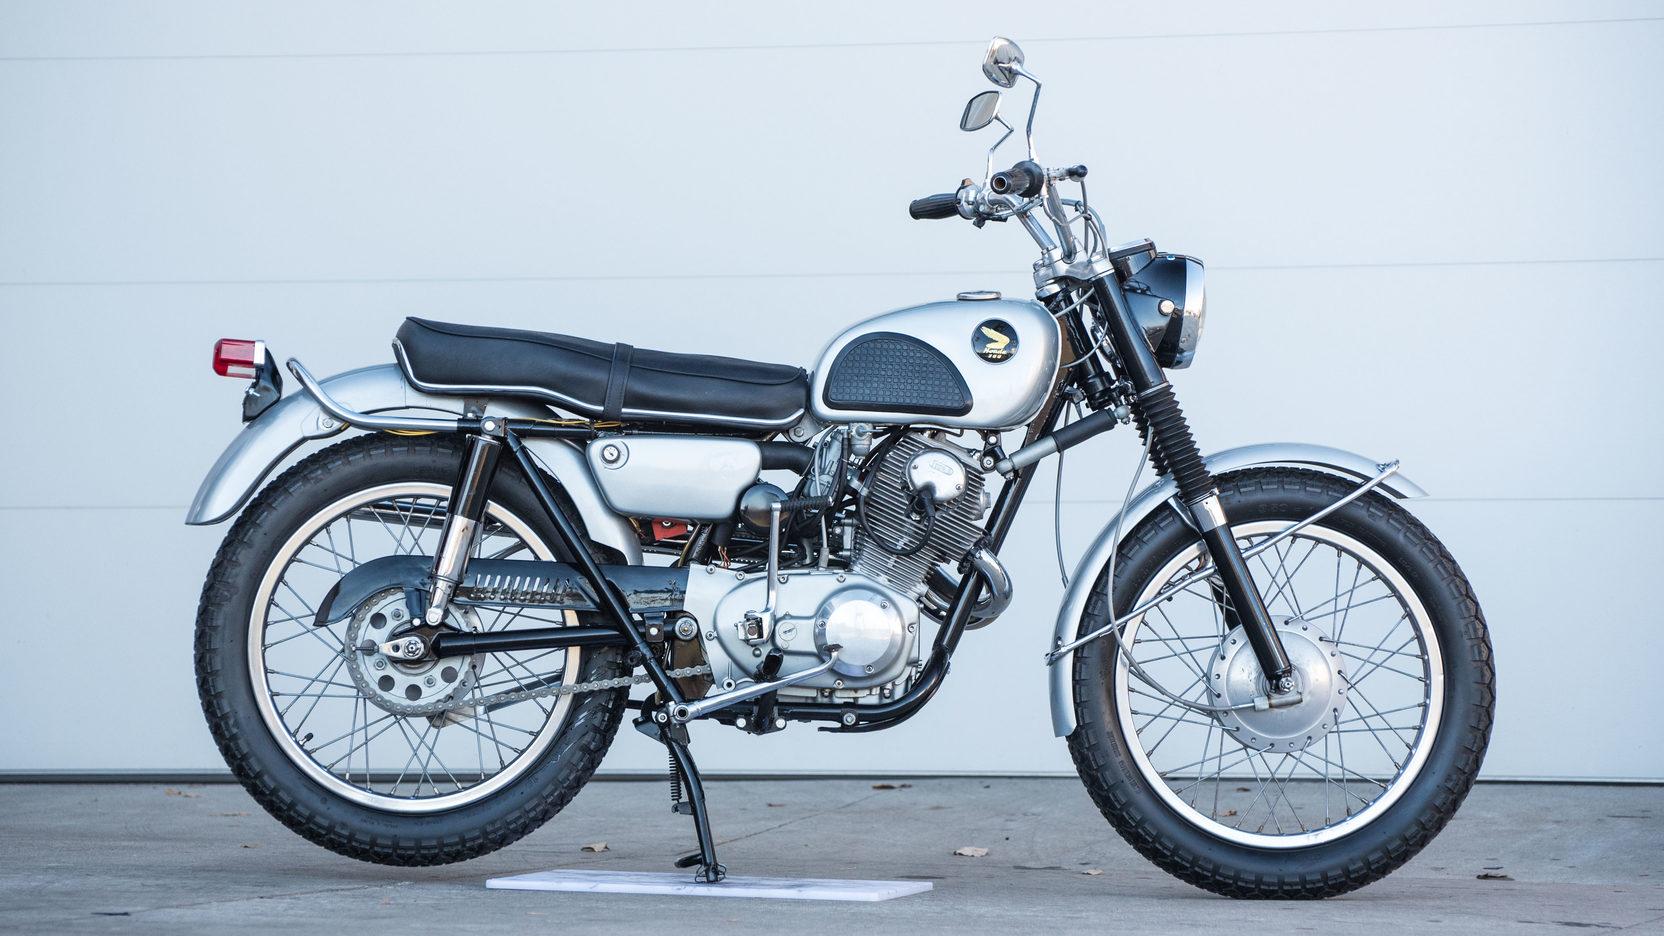 1965 honda scrambler reviewmotors co Honda 305 Snuffer Not Pic 1965 honda 305 scrambler s215 las vegas motorcycle 2017